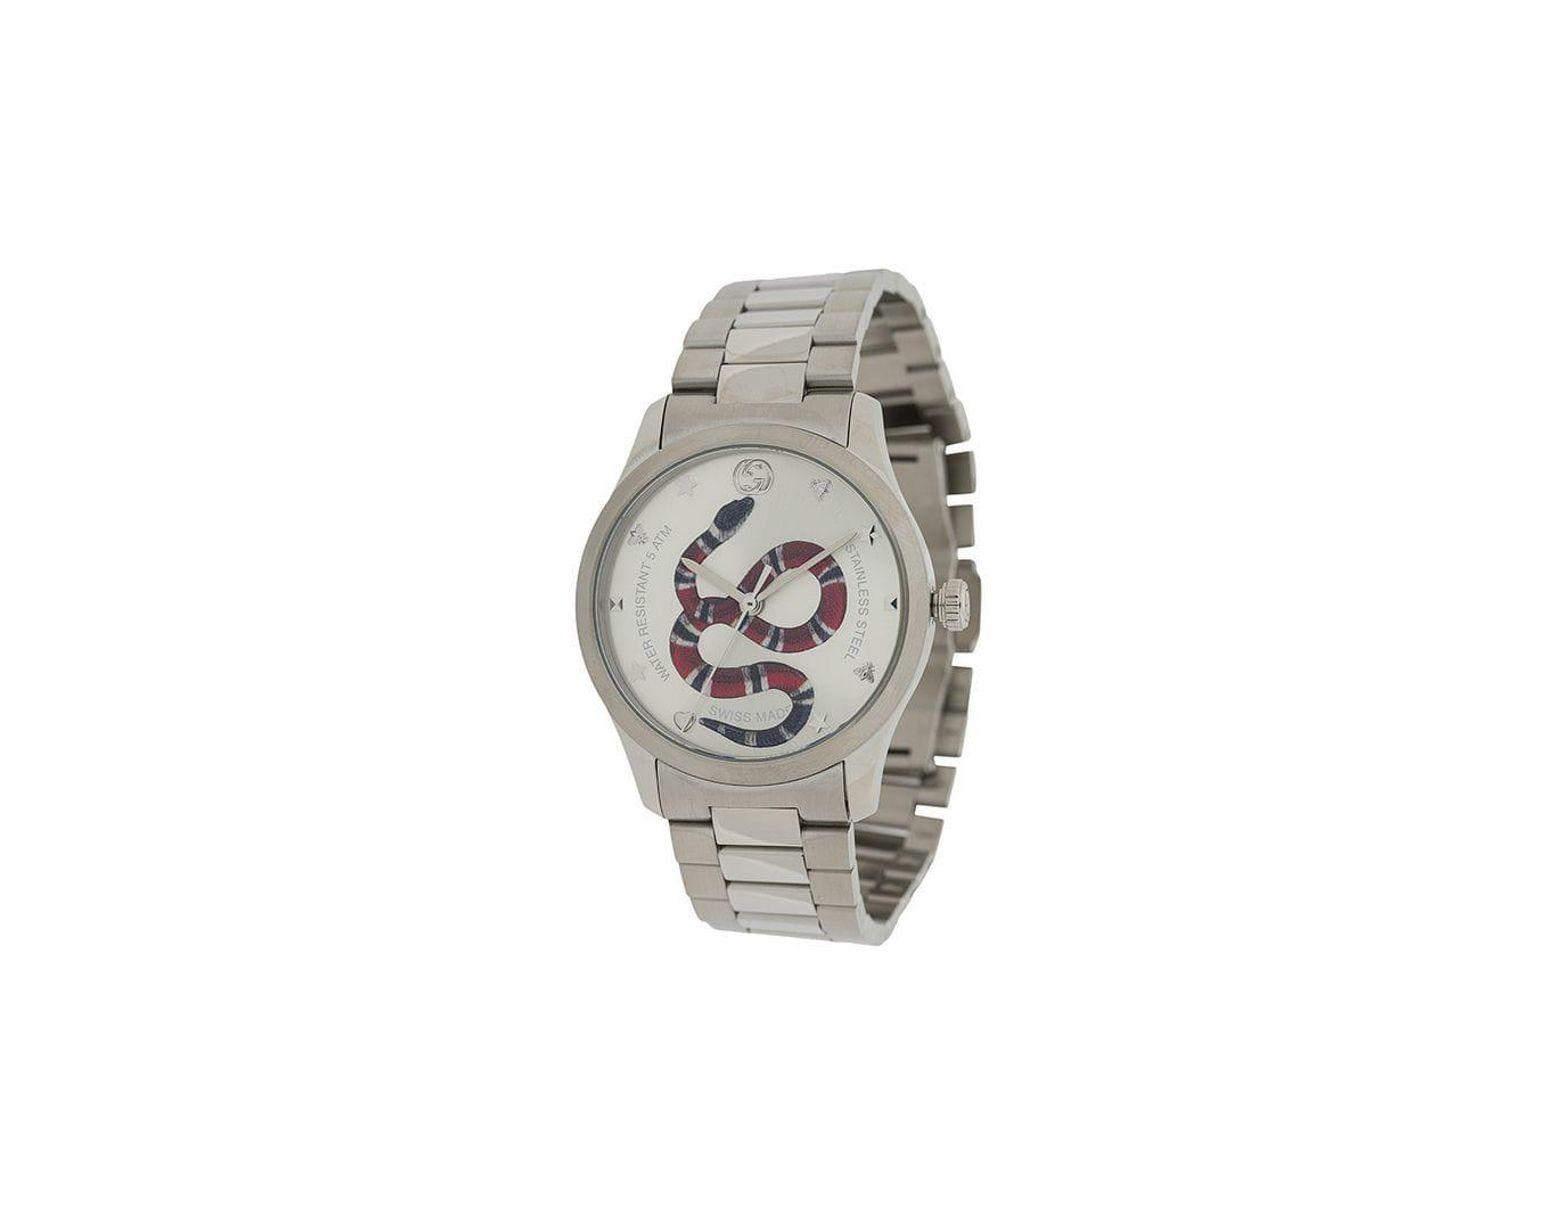 7bd9f5f5274 Lyst - Gucci G-timeless Watch